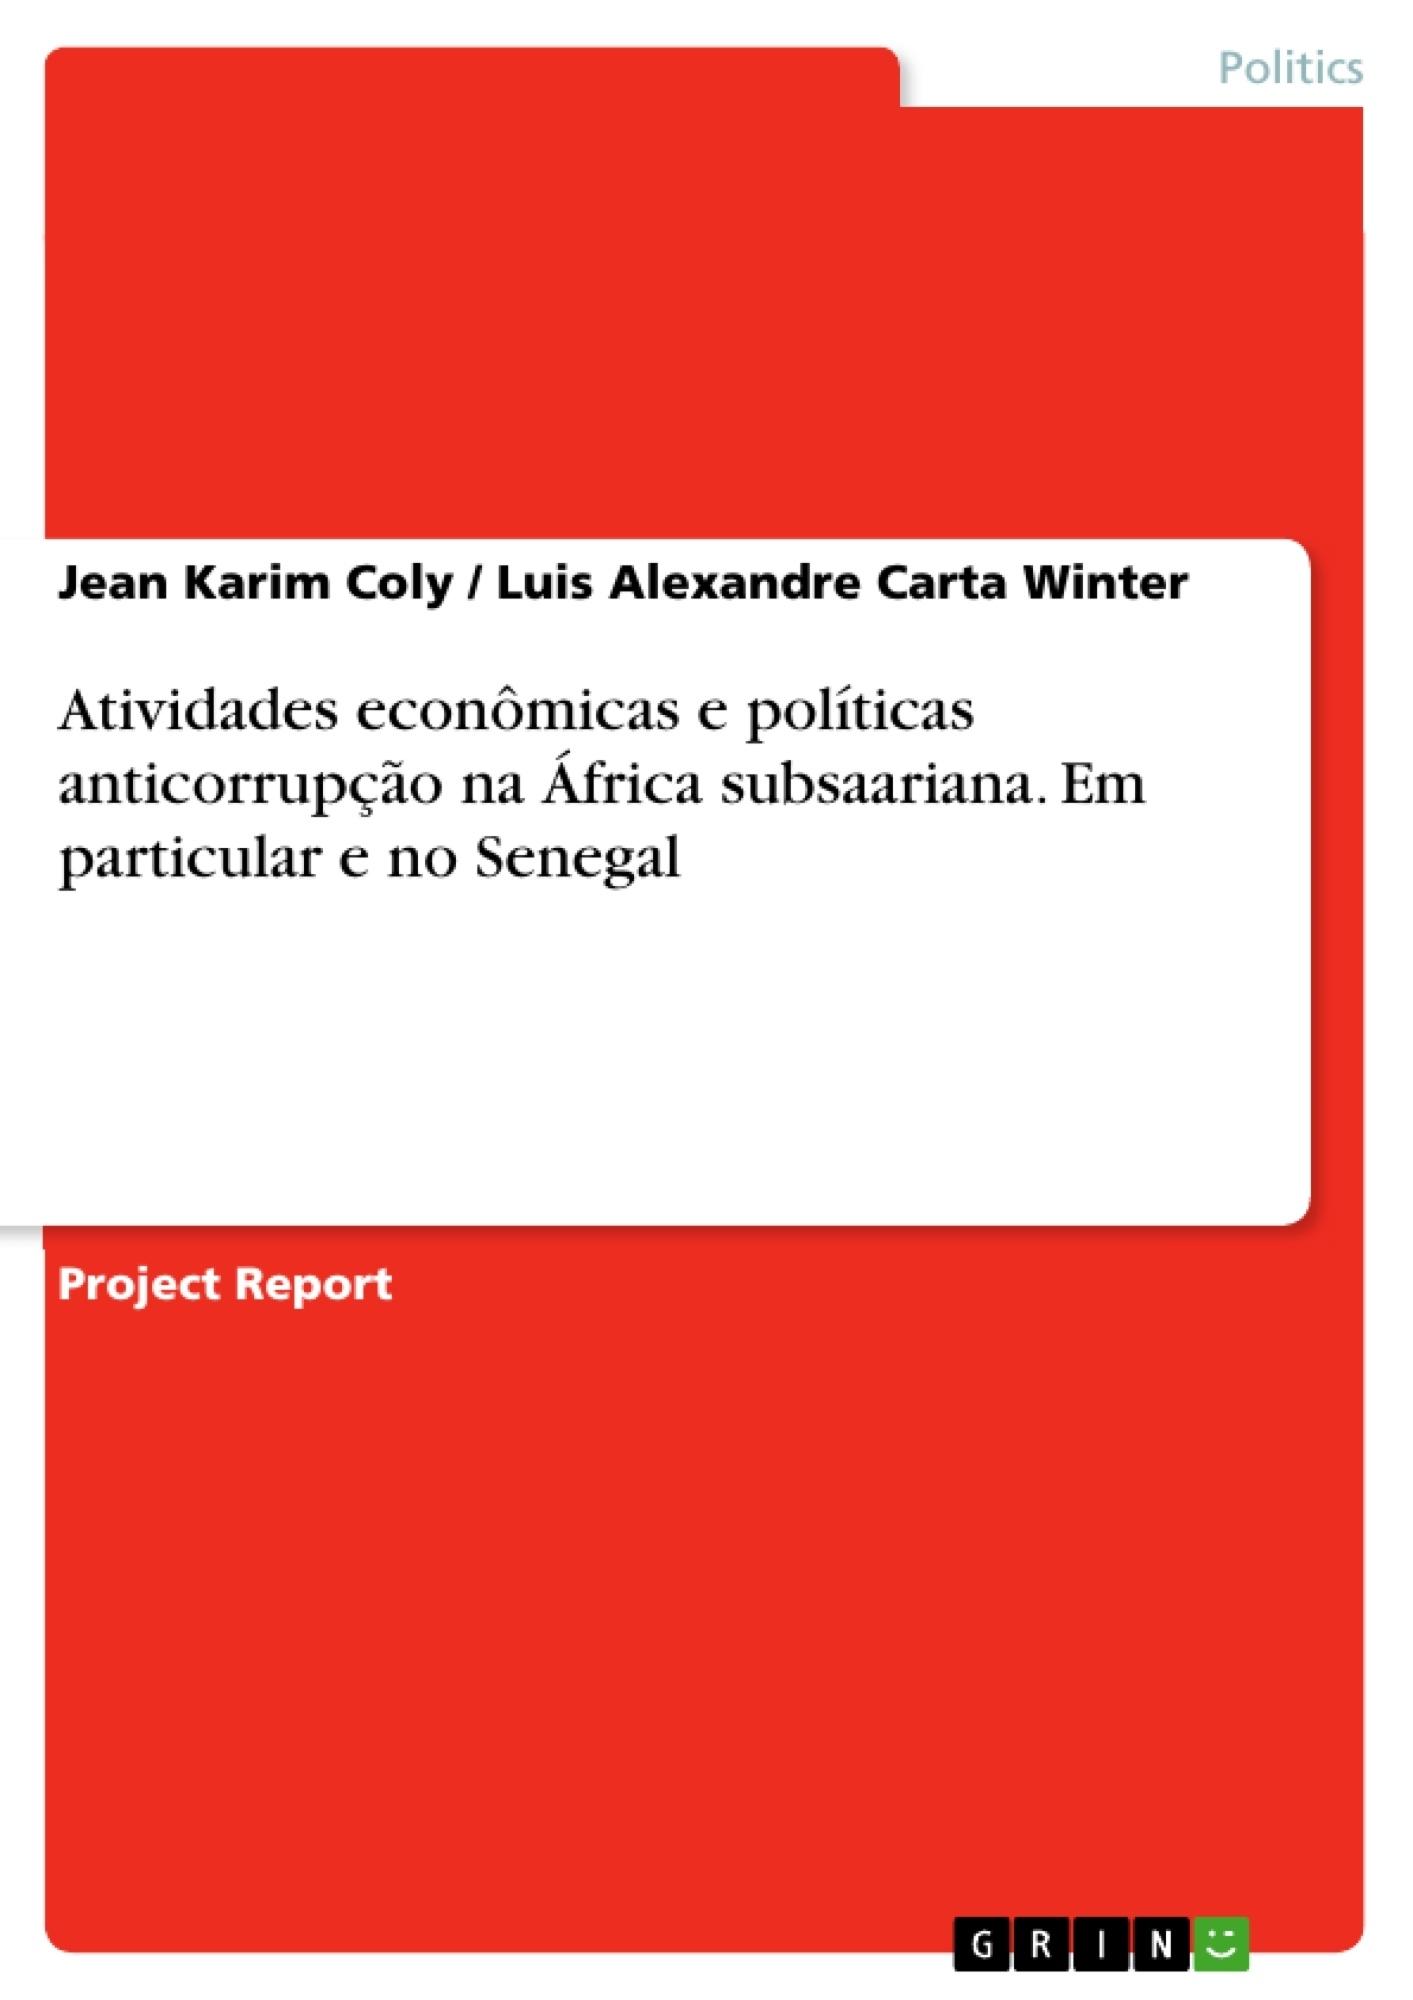 Title: Atividades econômicas e políticas anticorrupção na África subsaariana. Em particular e no Senegal